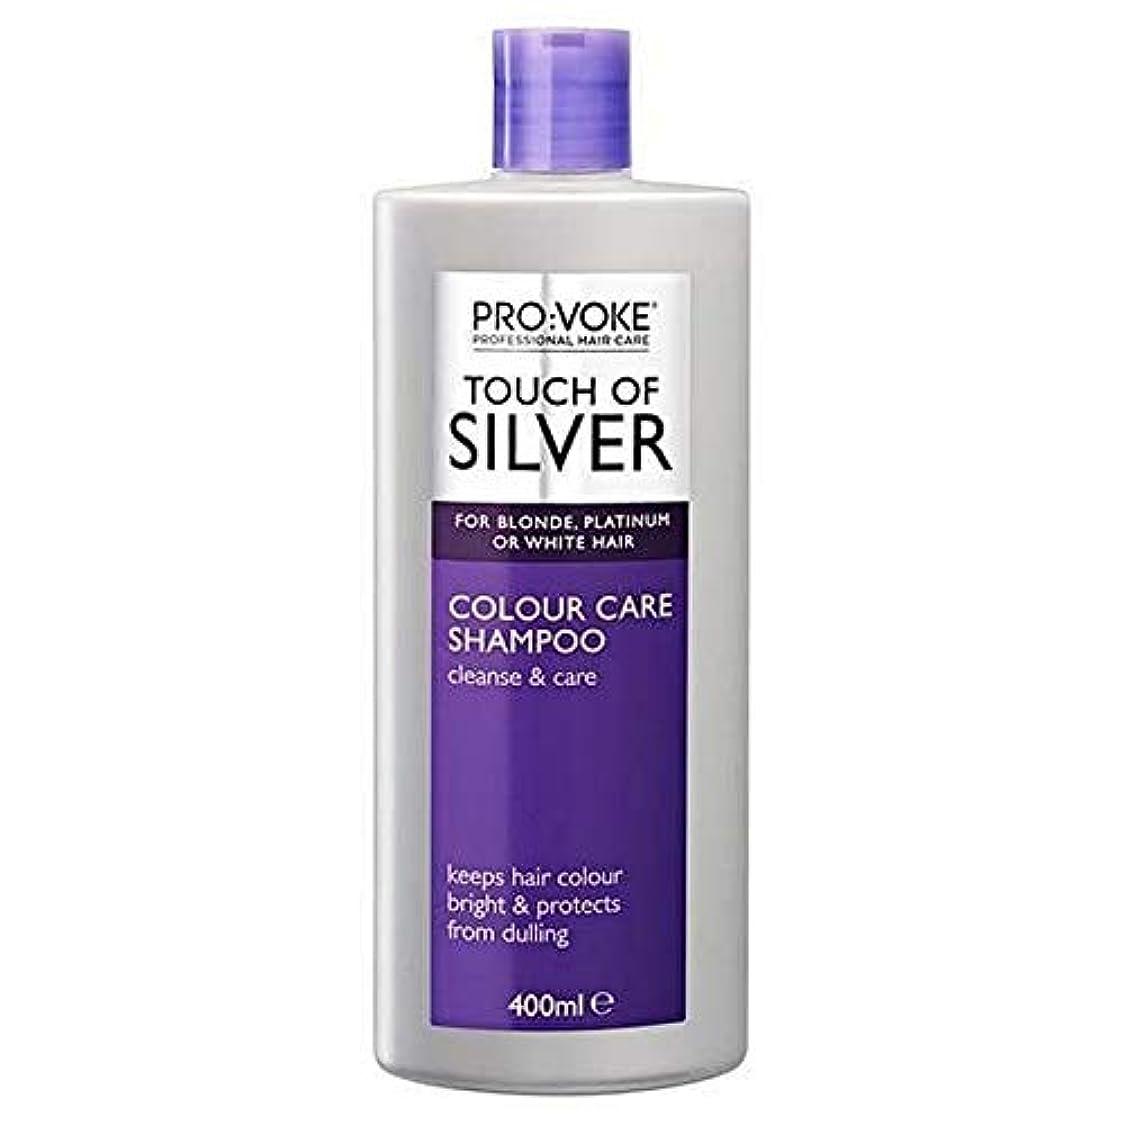 量毛皮魚[Pro:Voke] プロ:シルバーカラーケア紫色のシャンプー400ミリリットルのVokeタッチ - PRO:VOKE Touch of Silver Colour Care Purple Shampoo 400ml [並行輸入品]